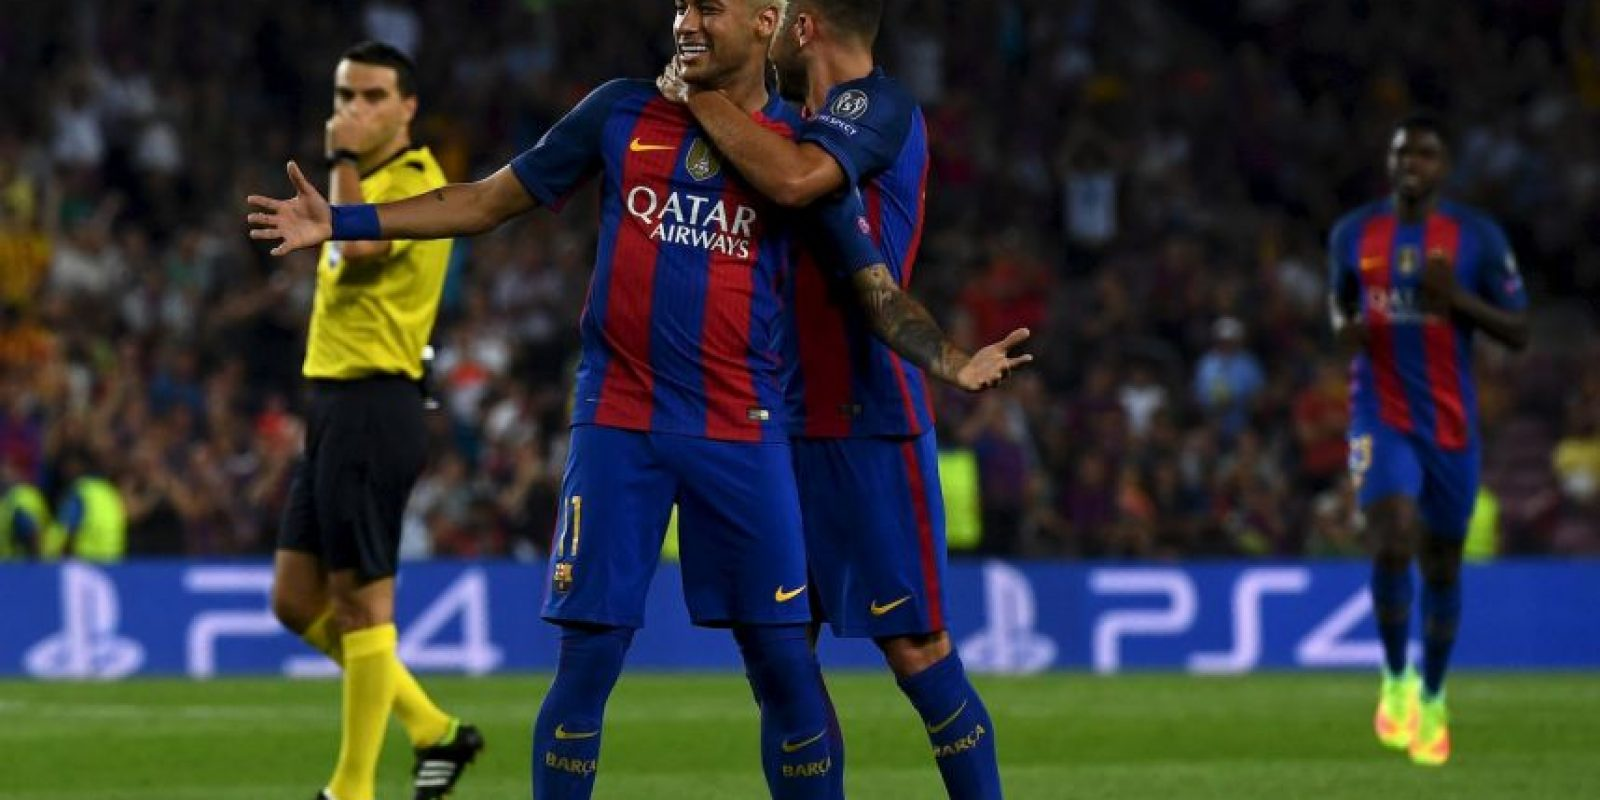 El delantero se despachó un gol y cuatro asistencias en la victoria por 7 a 0 de Barcelona Foto:Getty Images